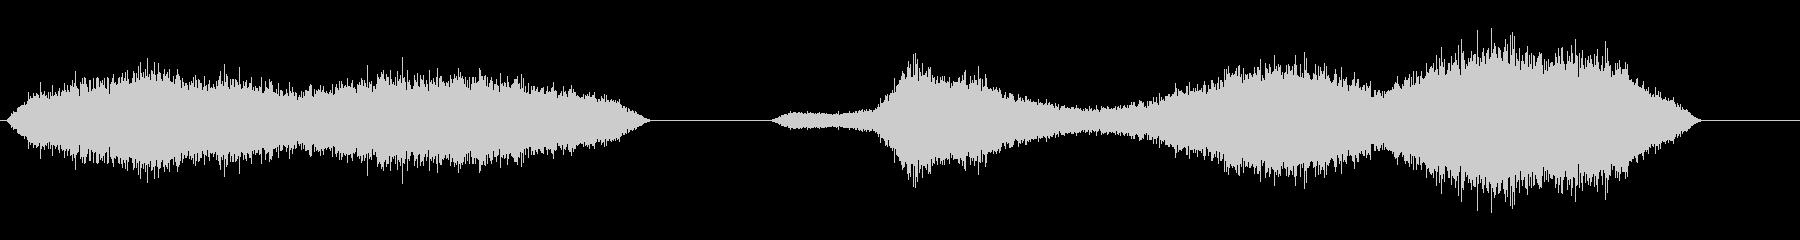 群衆のブーイングとホイッスル1の未再生の波形